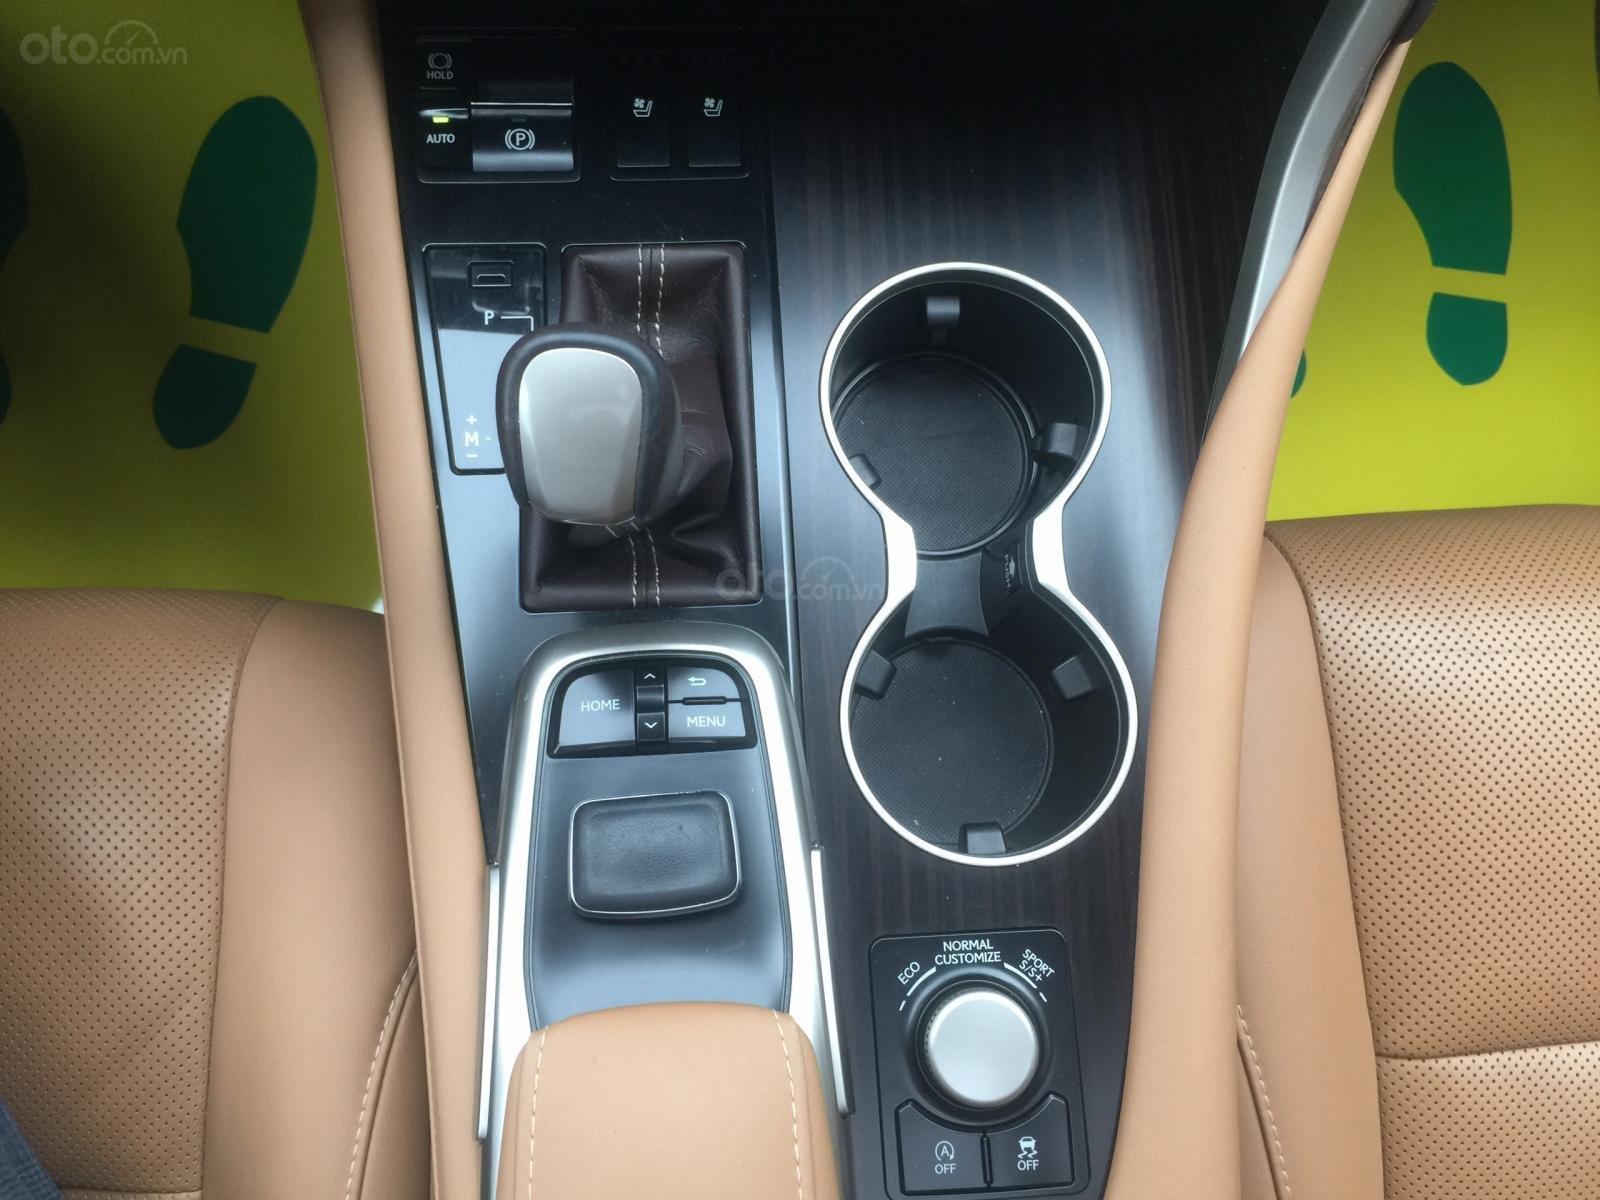 Bán Lexus Rx 200t sản xuất năm 2016, màu đen, xe nhập chính hãng, Lh em Hương 0945392468-8